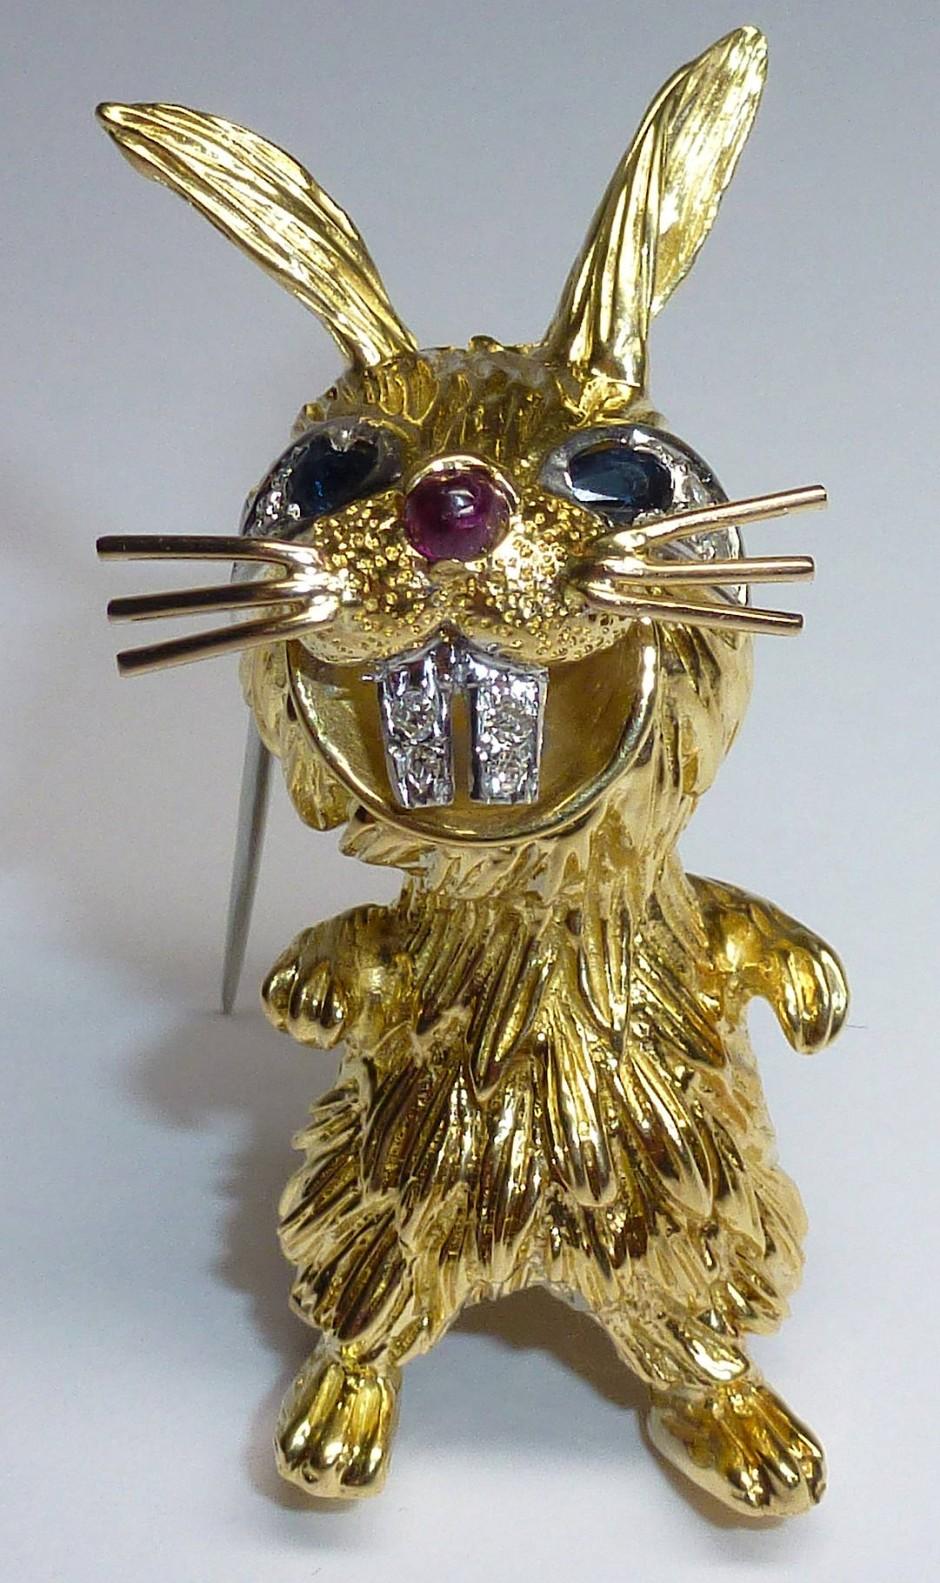 Goldene Brosche in Form eines Häschens, London 1970er Jahre, 18ct, geziert mit zwei Saphiren, einem Rubin und Diamanten, signiert: KUTCHINSKY, bei Pintar.